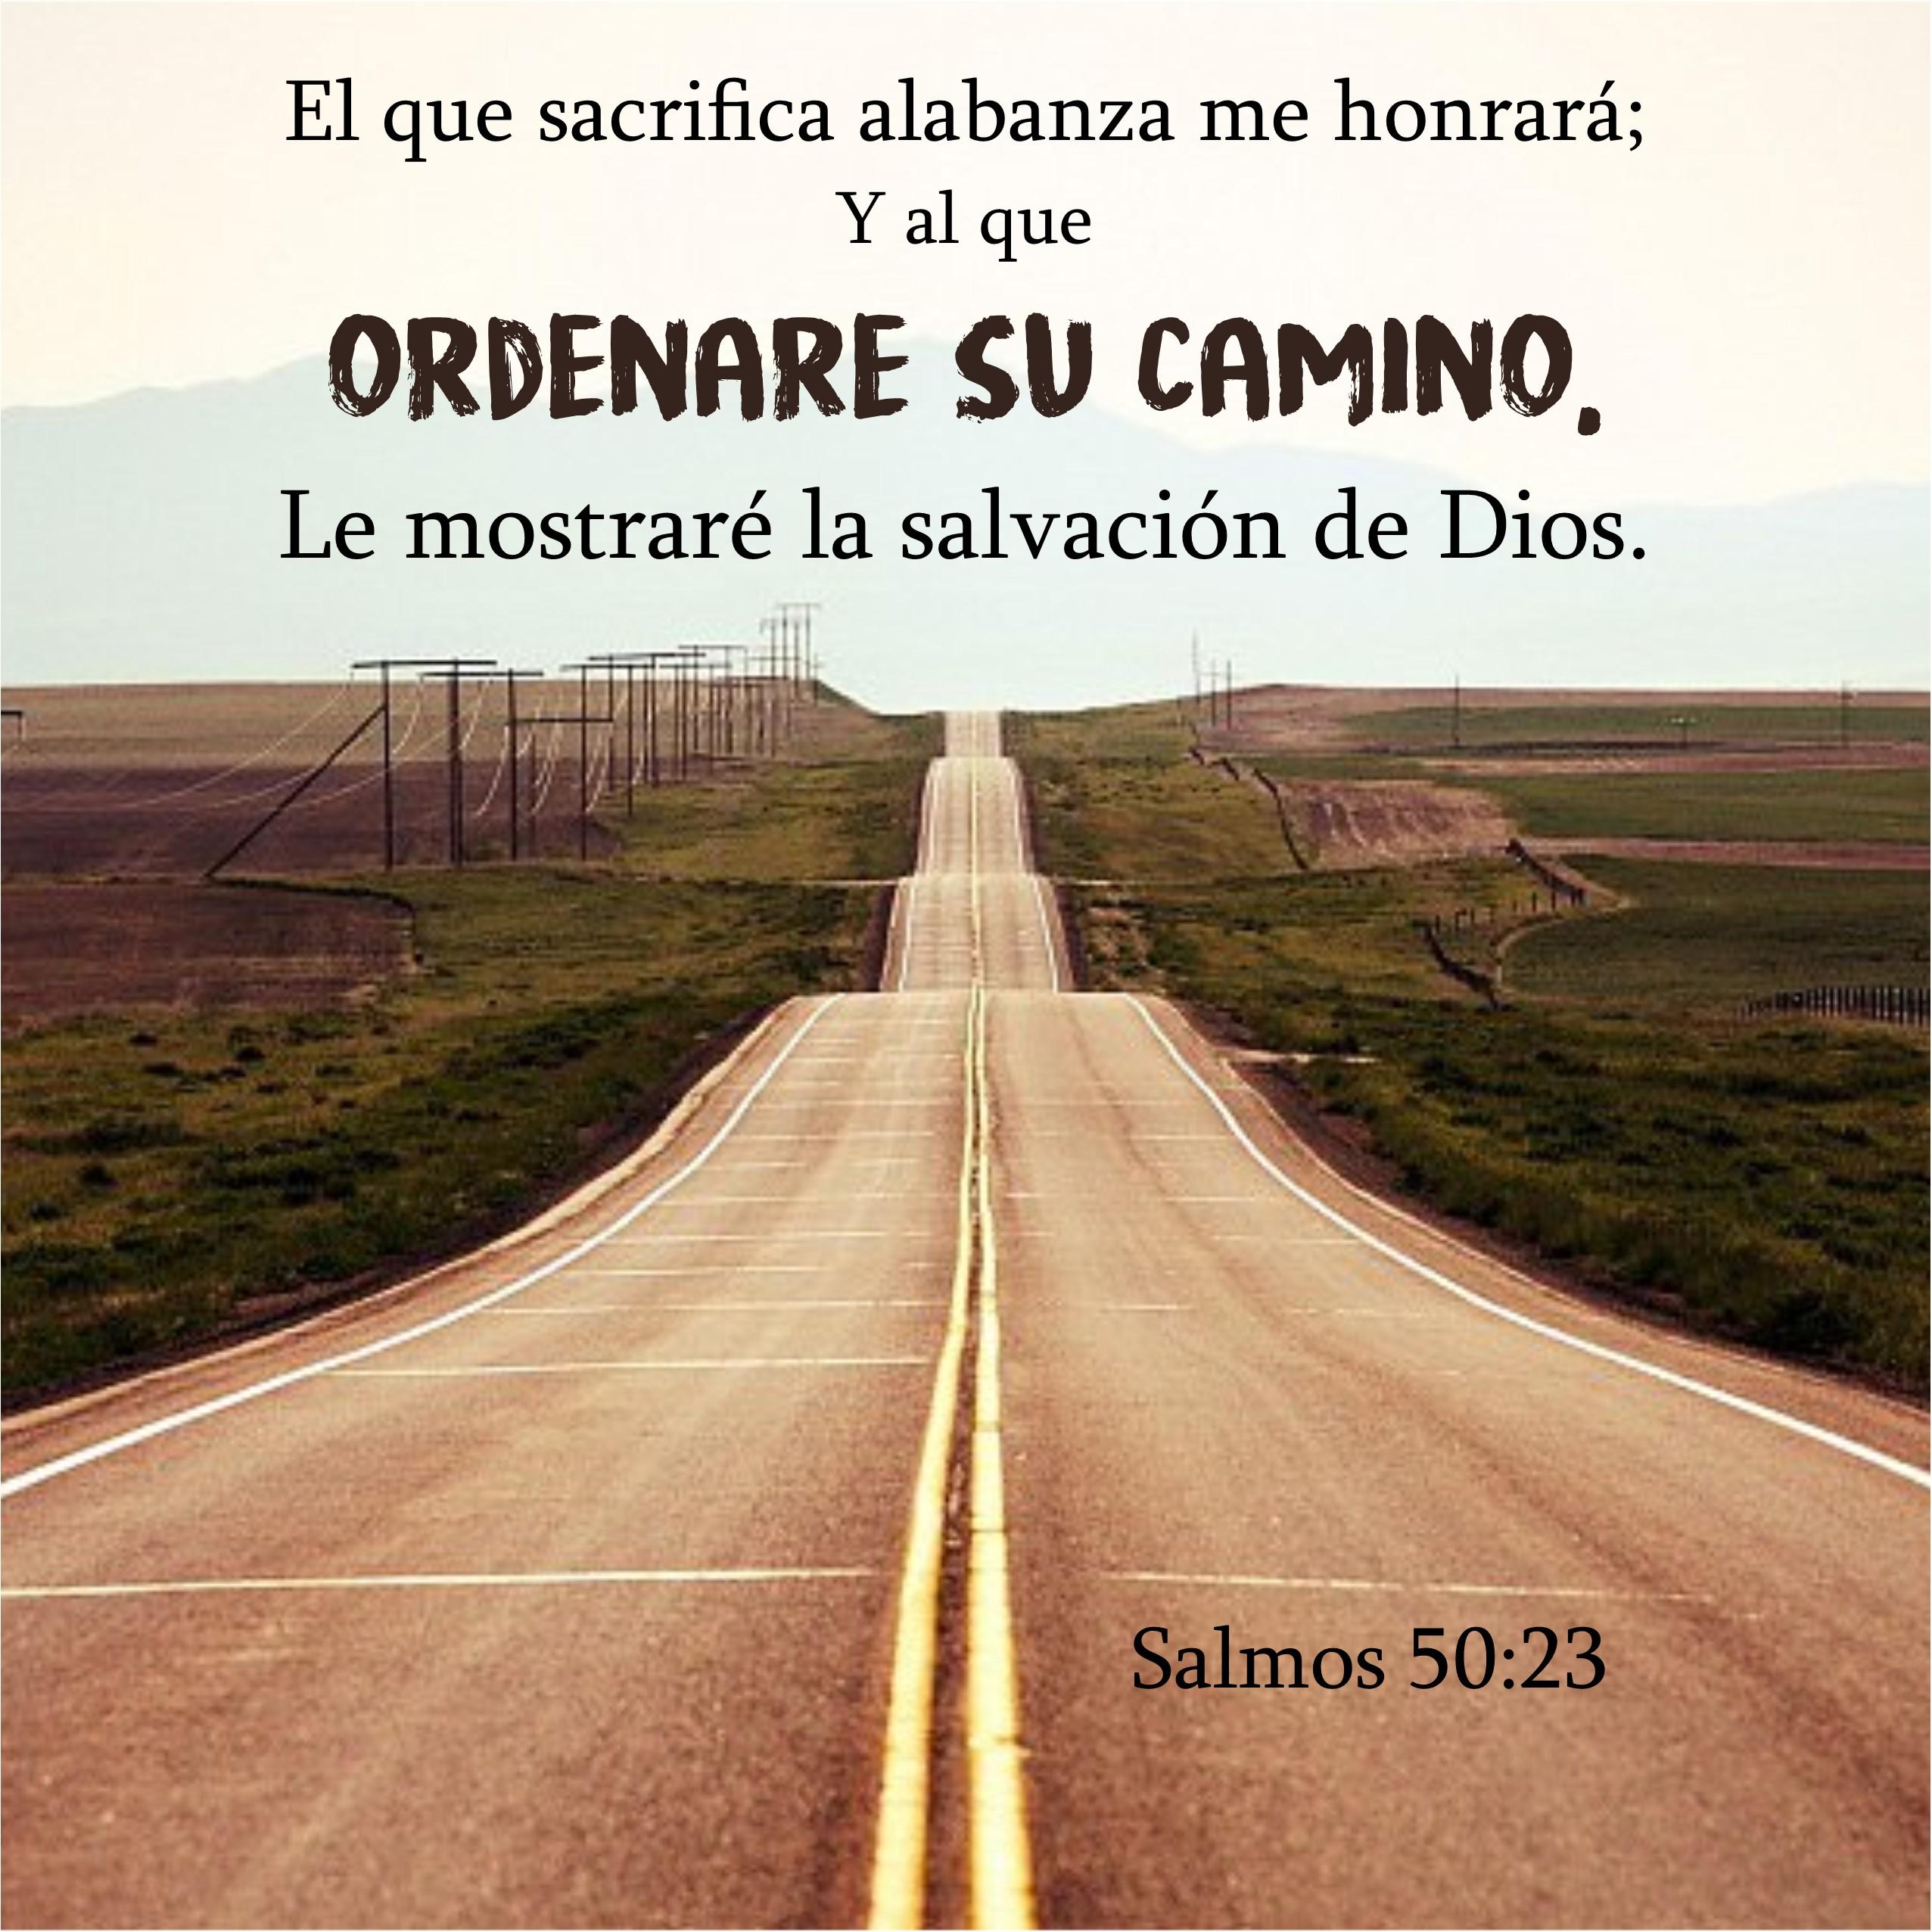 Salmos 50.23 Anexo